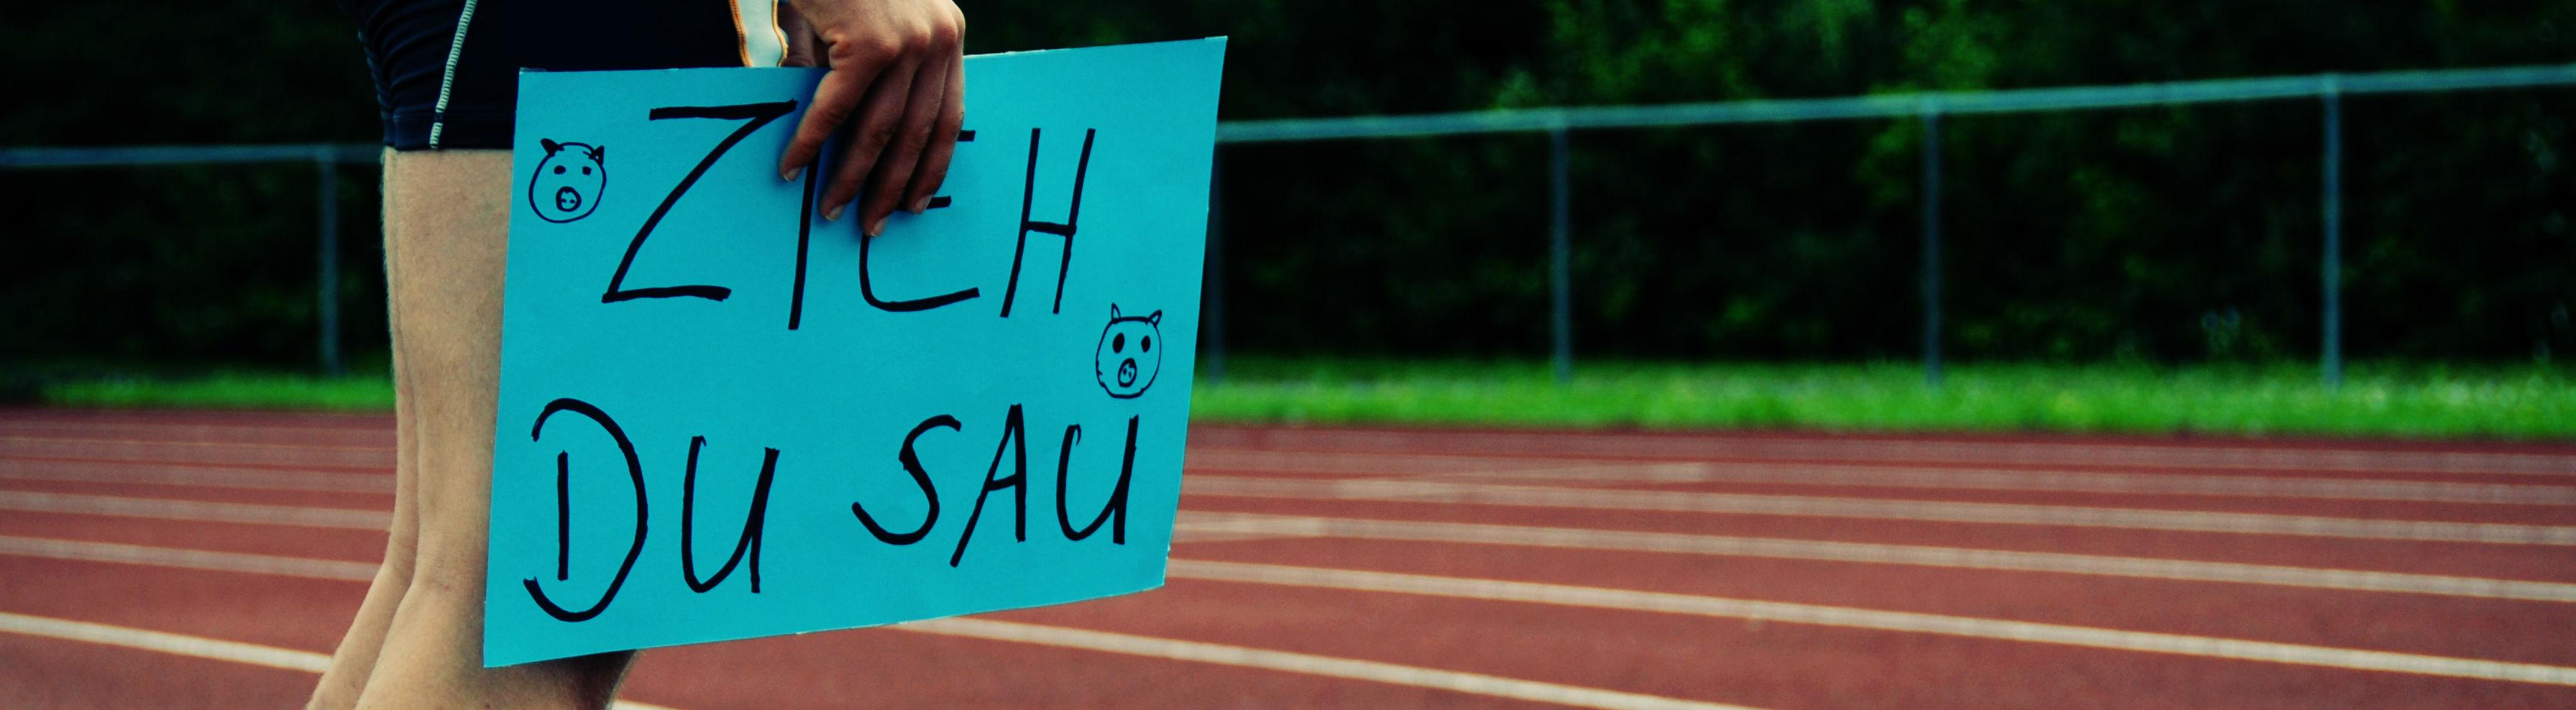 """Ein Läufer hält ein Schild hoch, auf dem """"Zieh, du Sau"""" steht."""